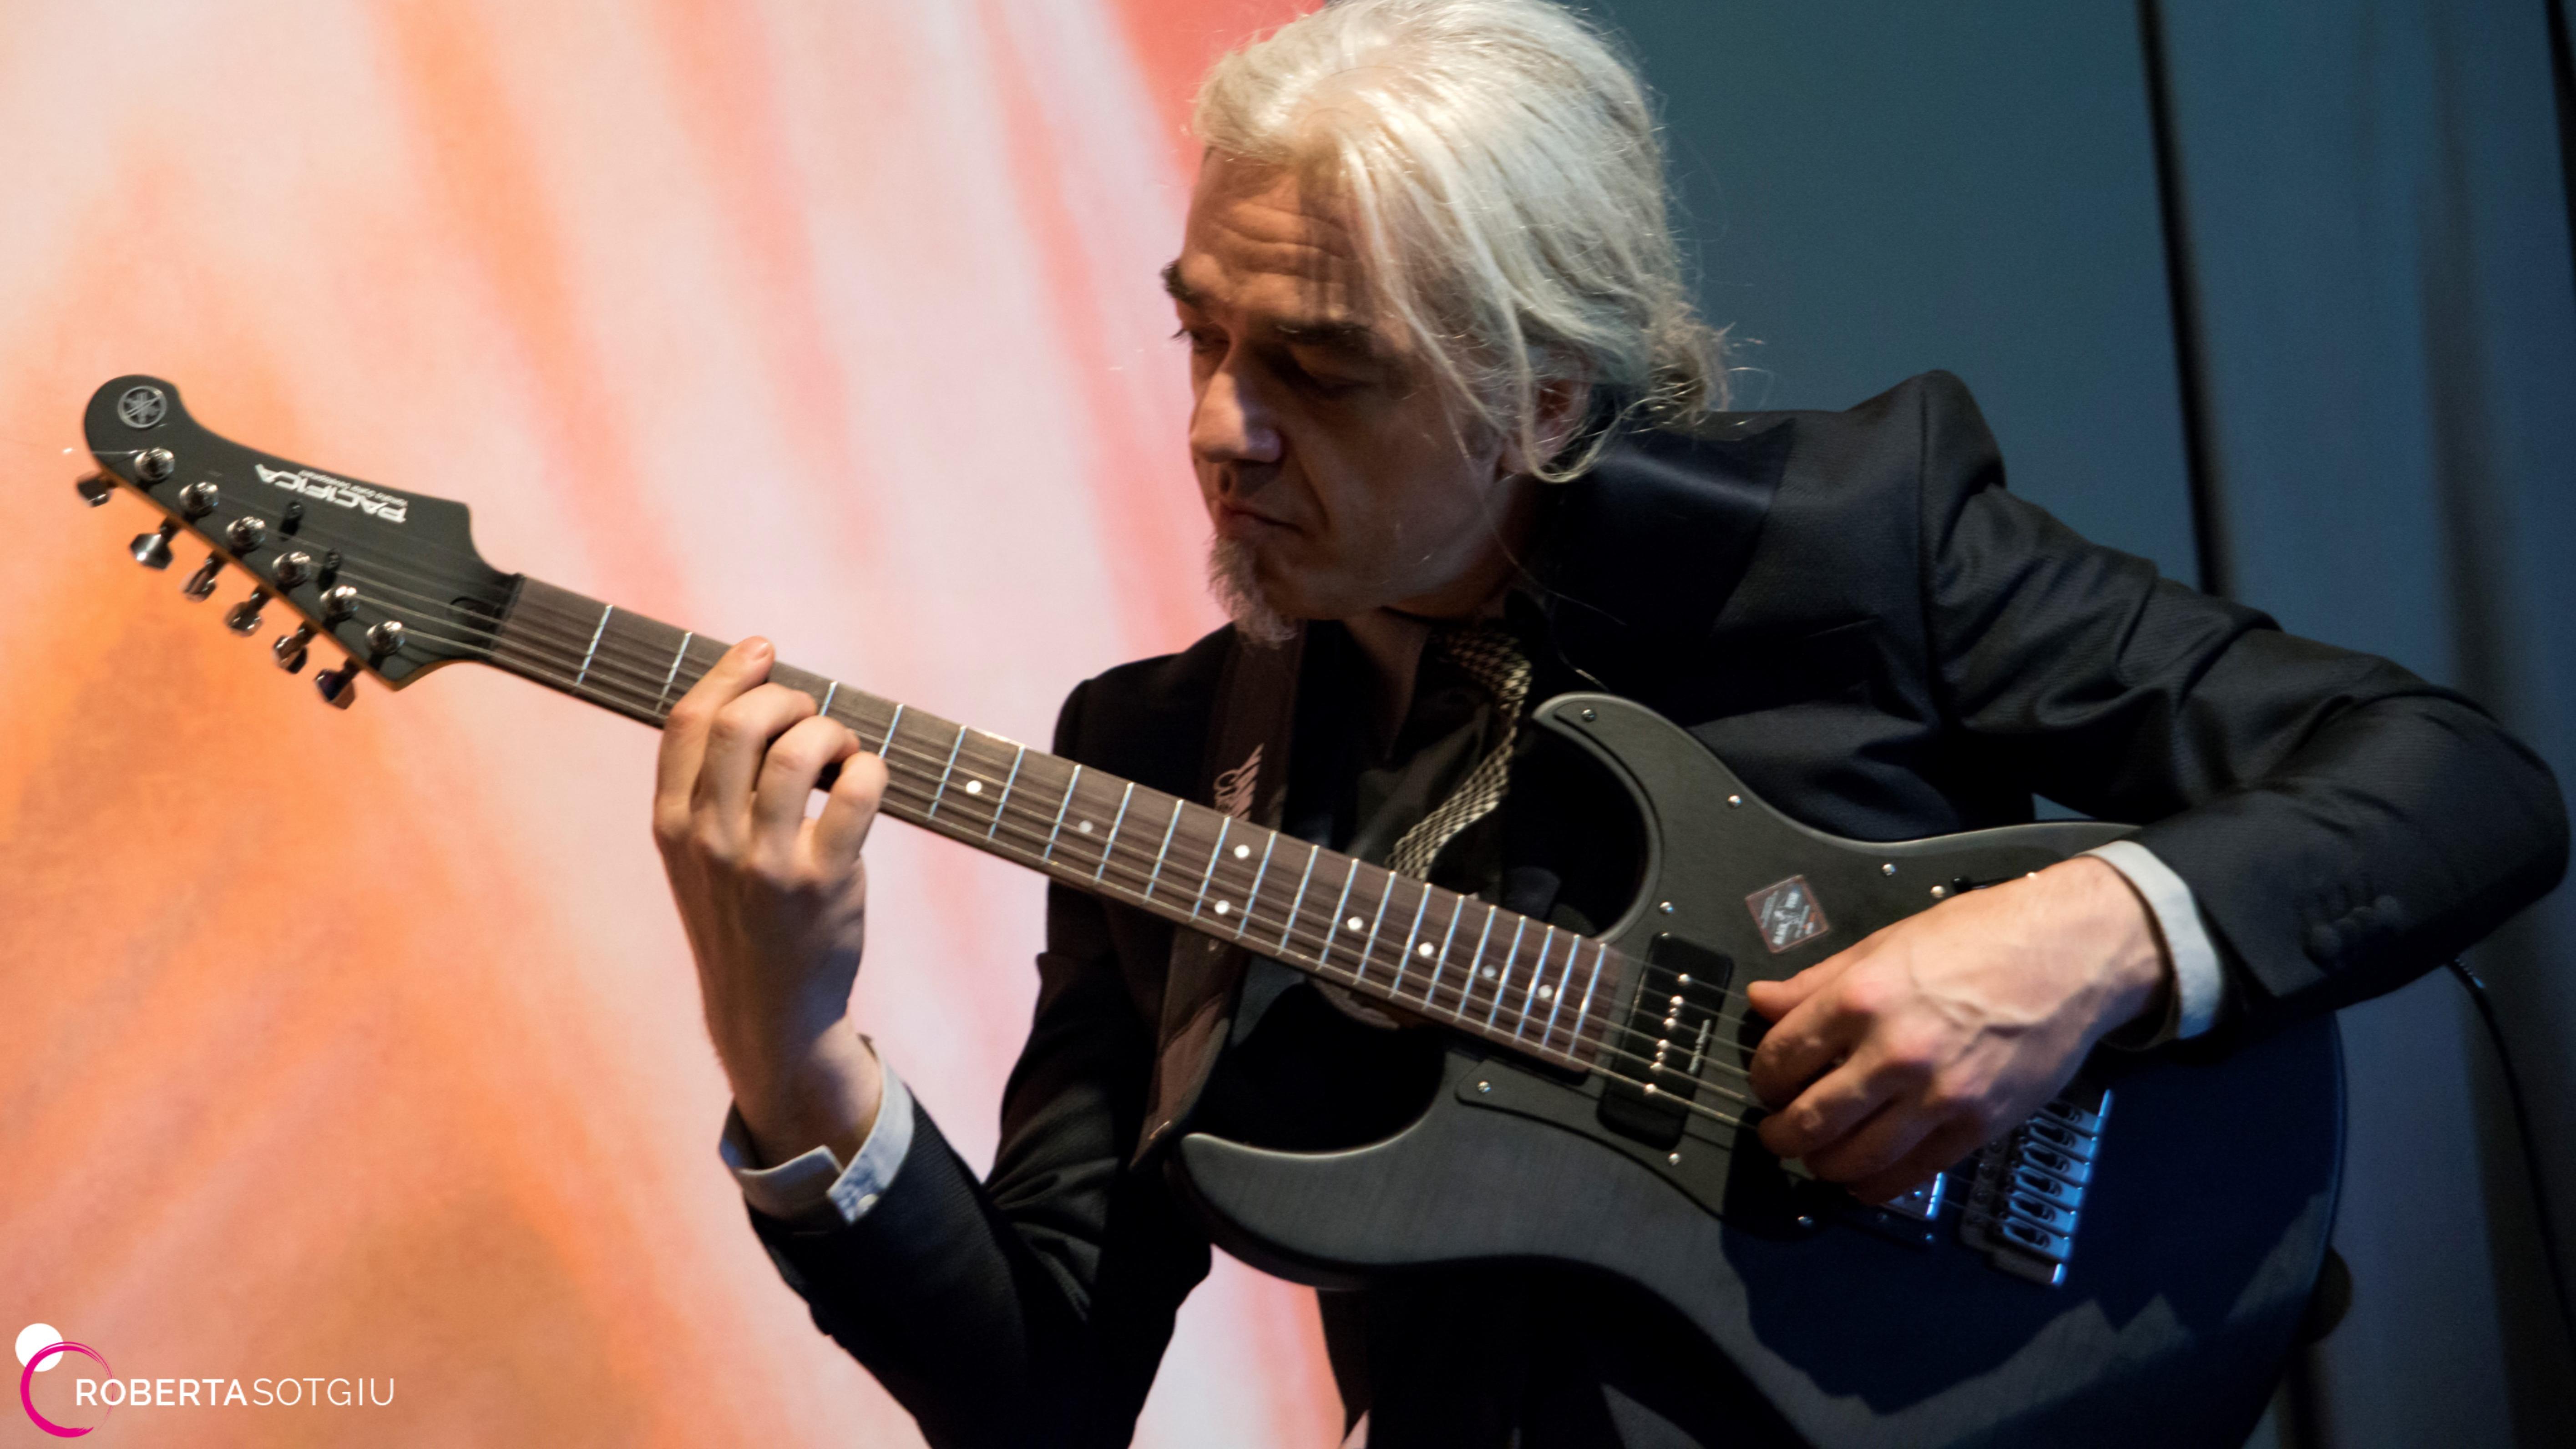 Morgan e Ivano Fossati a Paganini Rockstar – 16 novembre 2018 – Palazzo Ducale, Genova